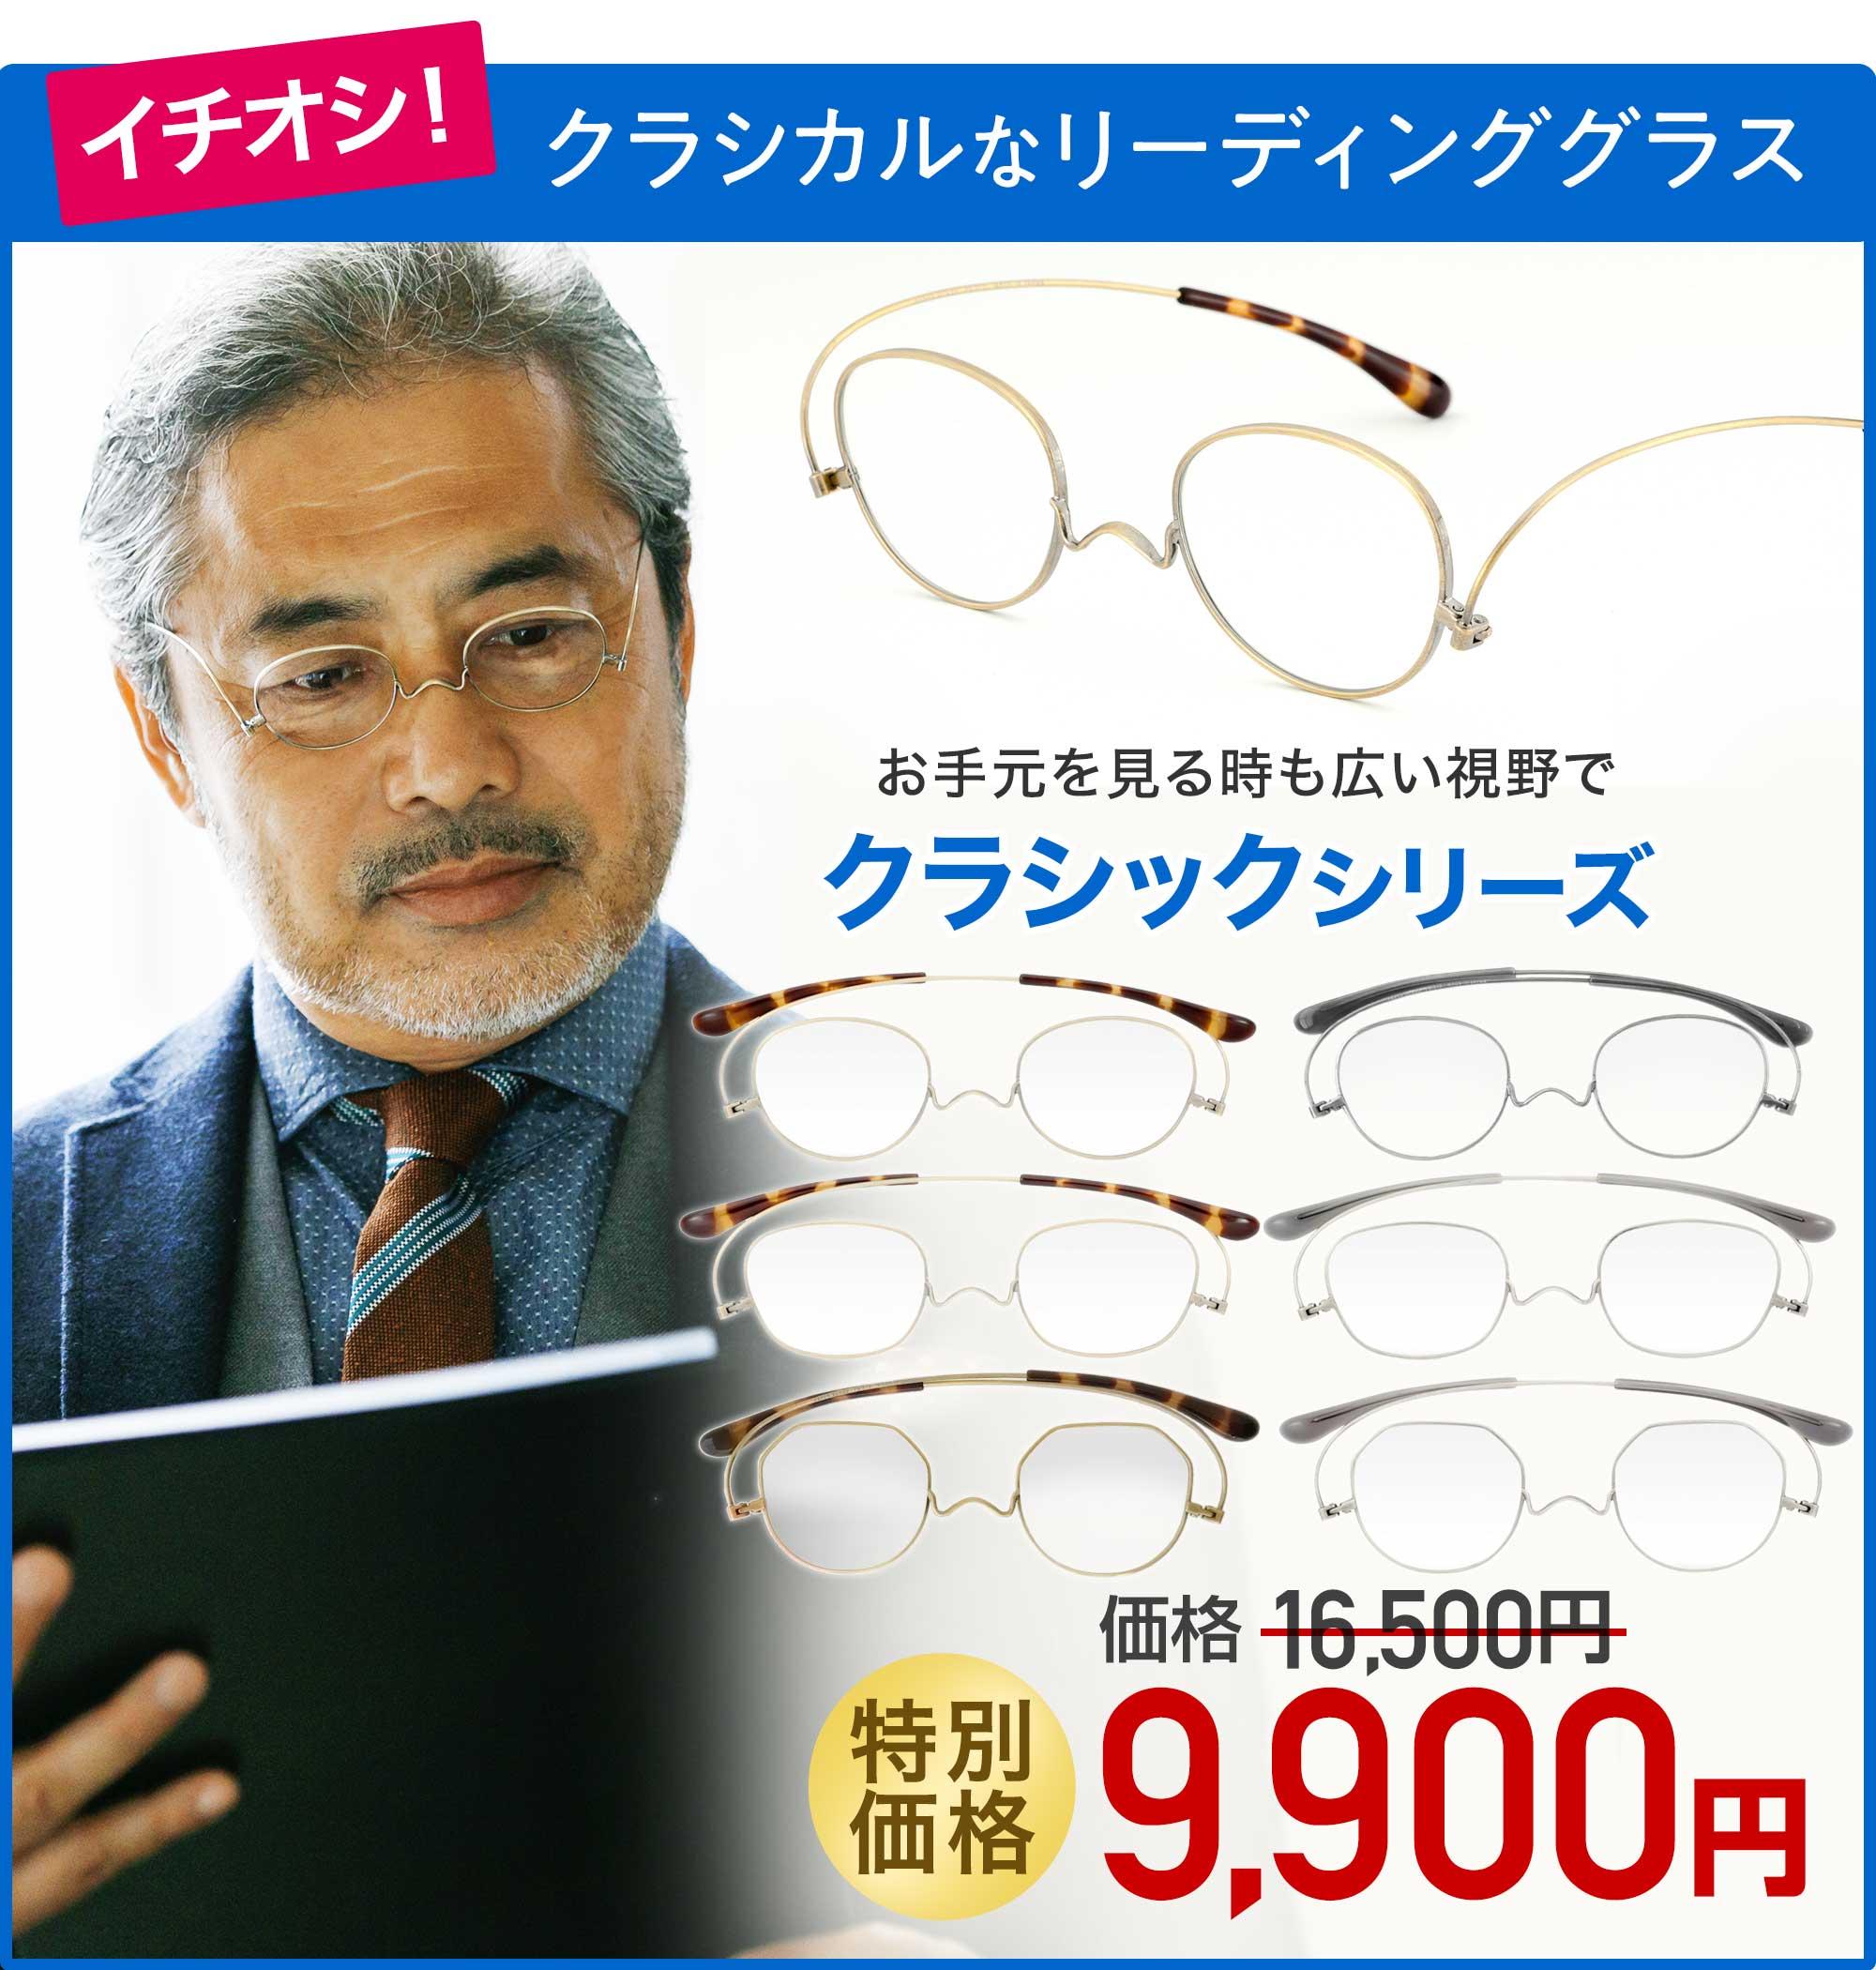 ペーパーグラス クラシックシリーズ 老眼鏡